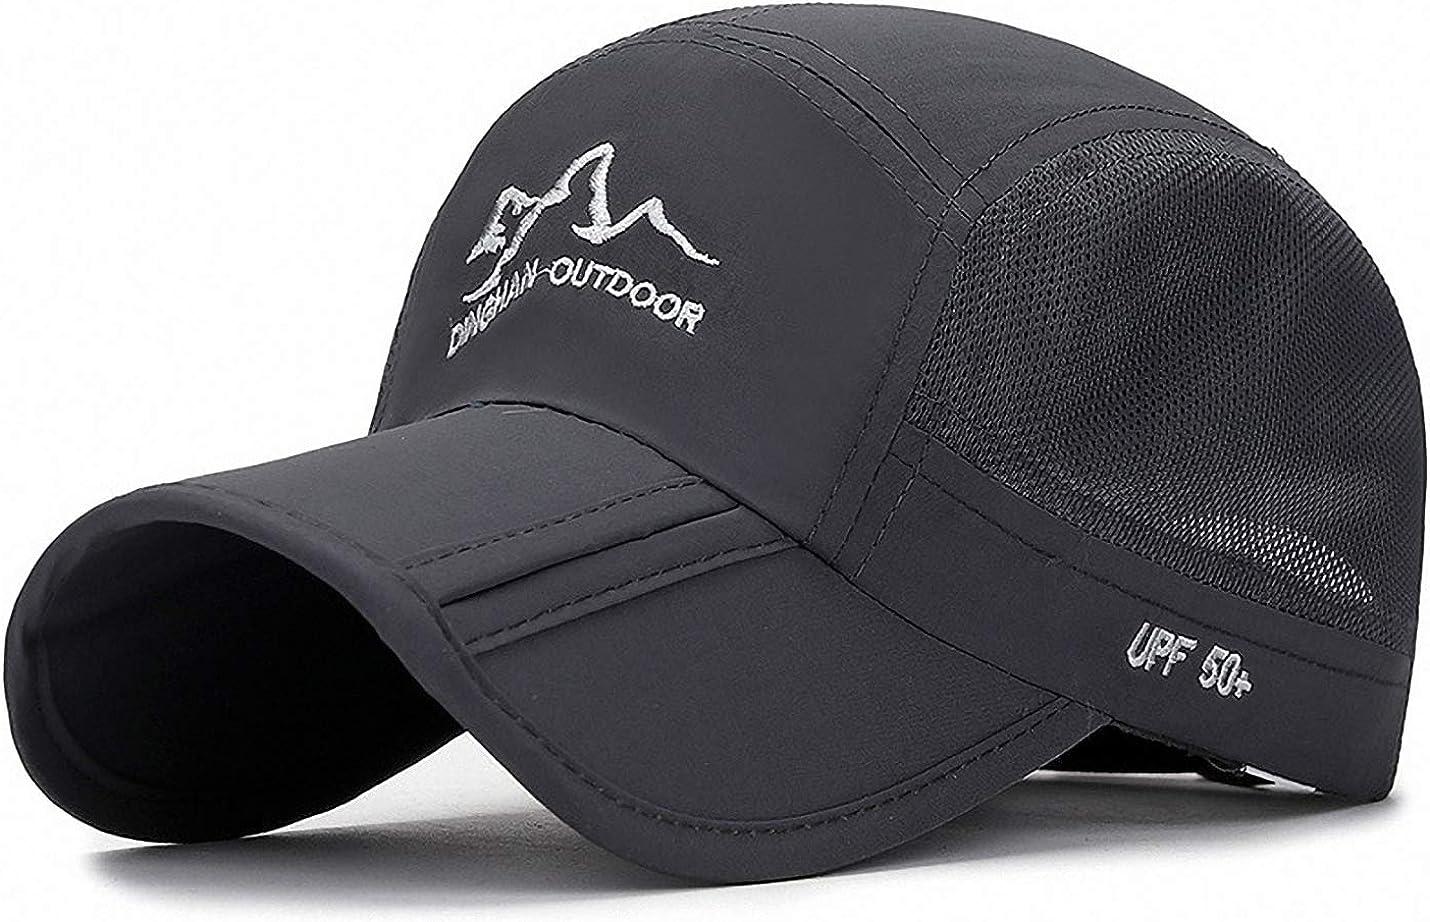 Ulalaza Einstellbare atmungsaktive leichte Quick Dry Mesh UV-Schutz Sonnenhut UPF50 Kinder Kinder Baseball Caps Jungen M/ädchen